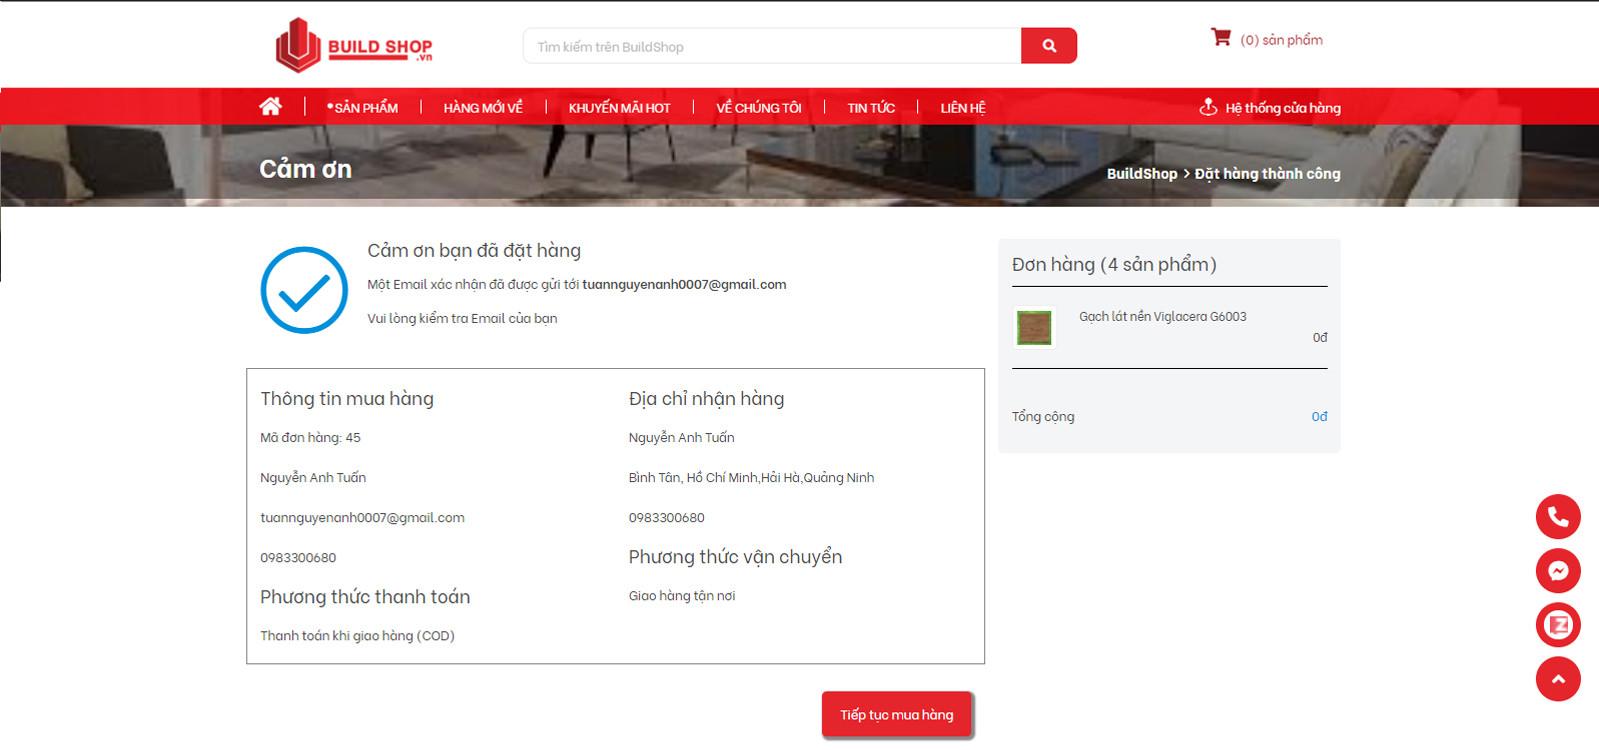 build shop | hoàn thành đặt hàng